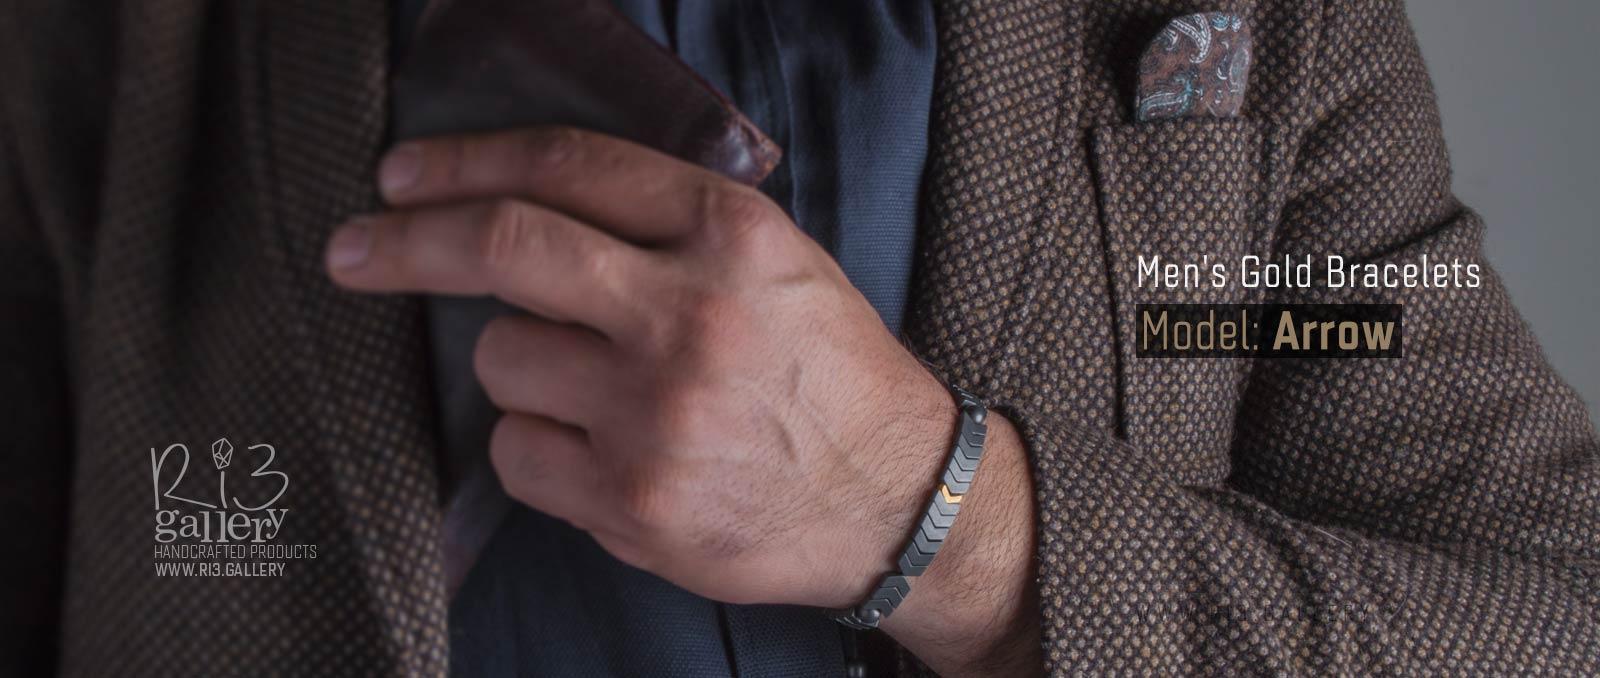 دستبند مردانه Arrow